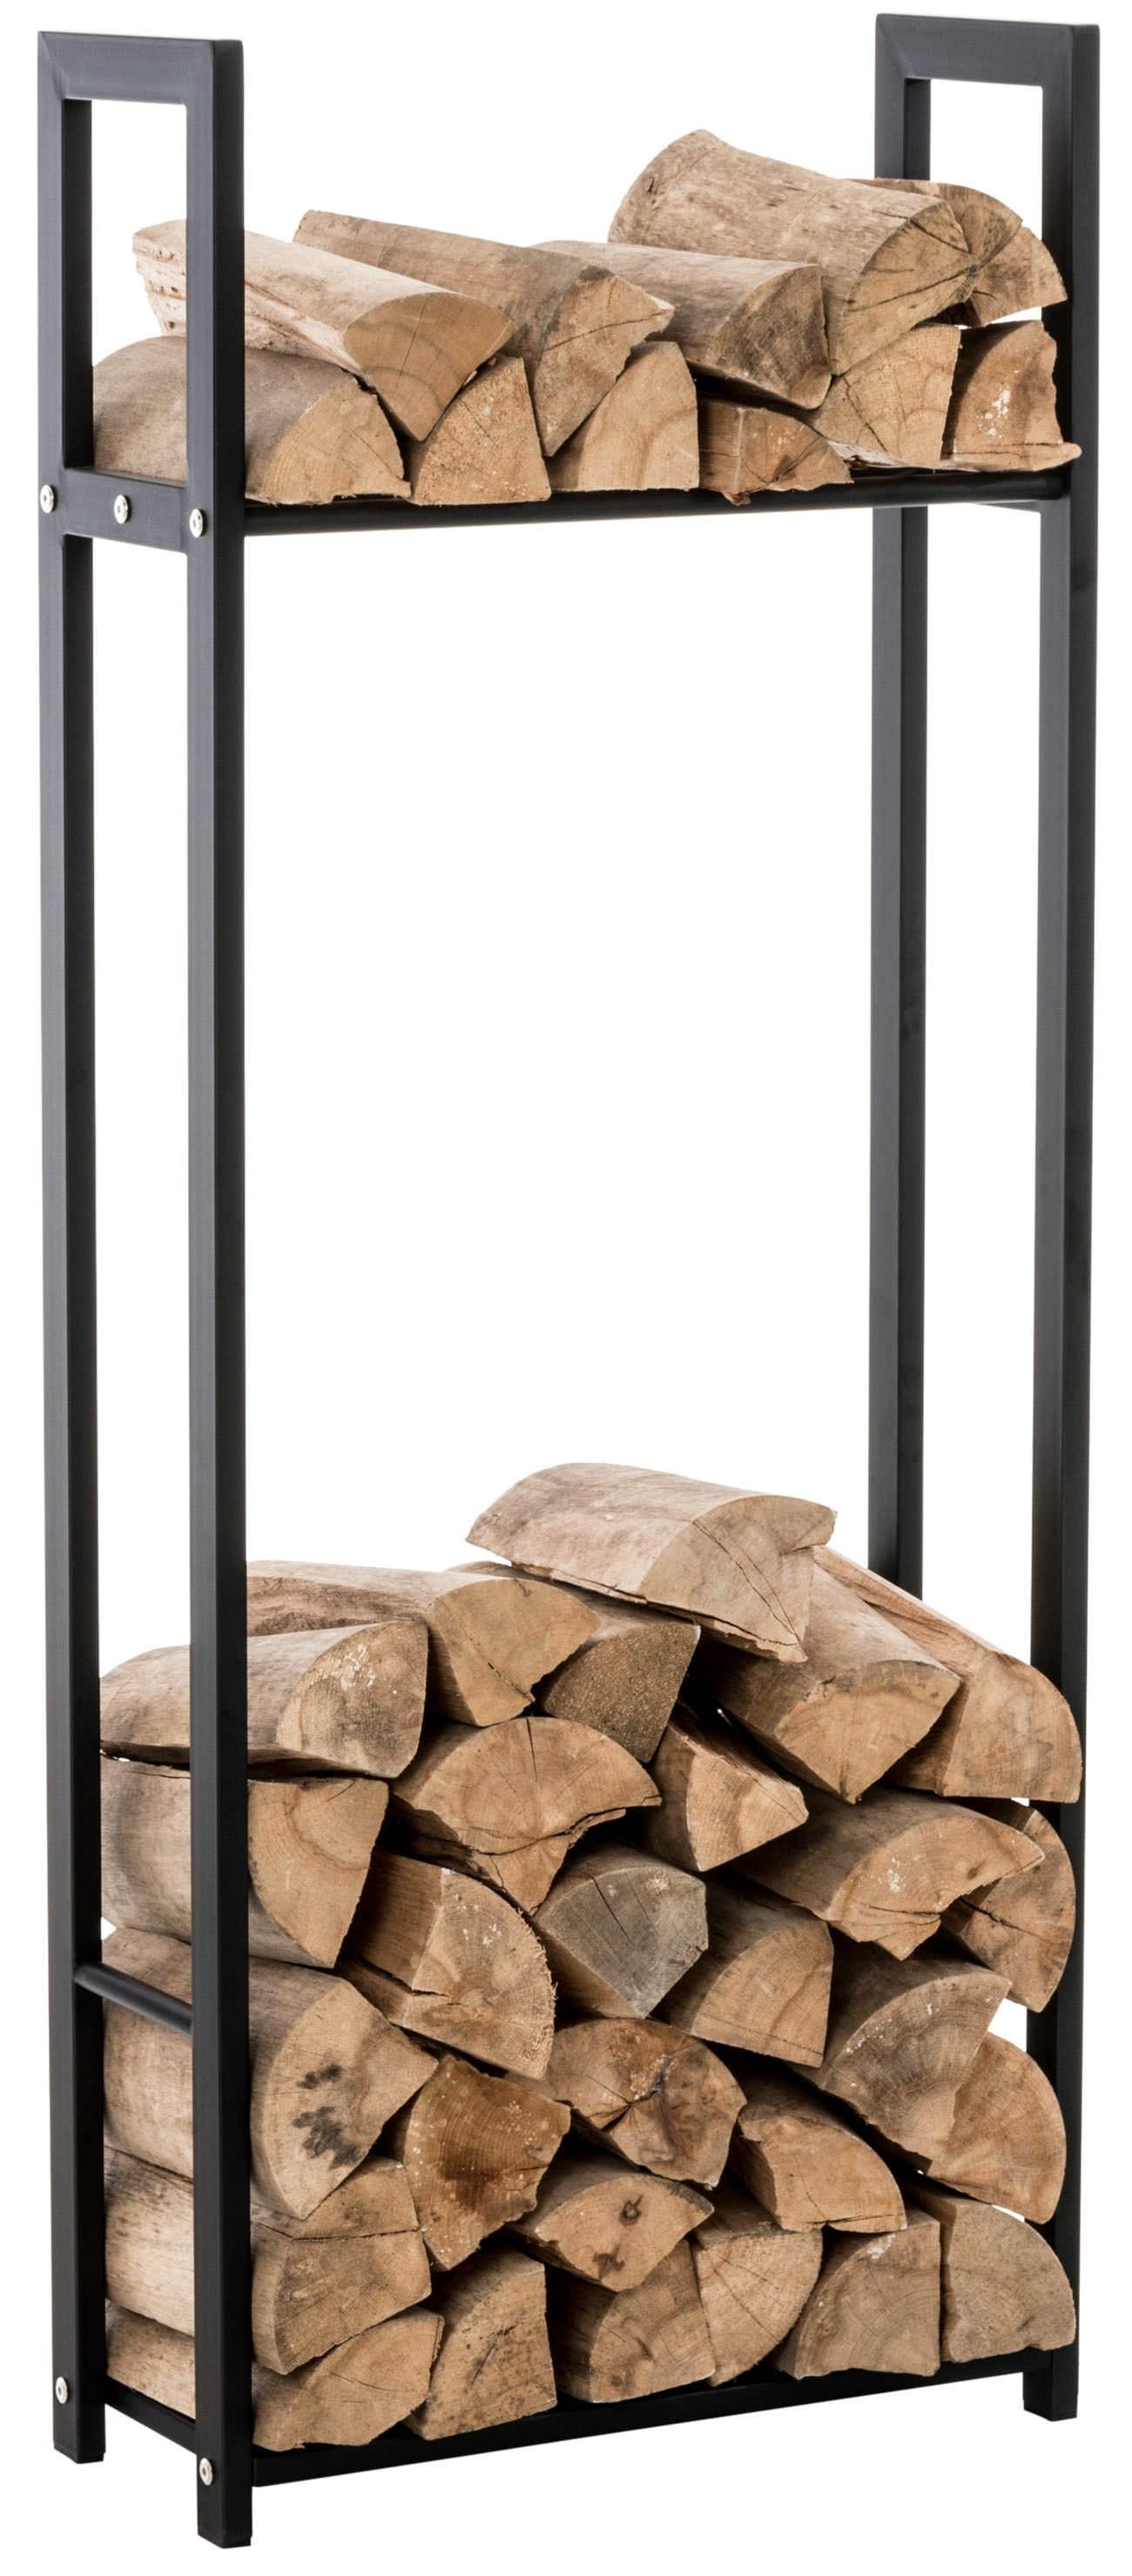 Porte bûches pour bois de cheminée Snow